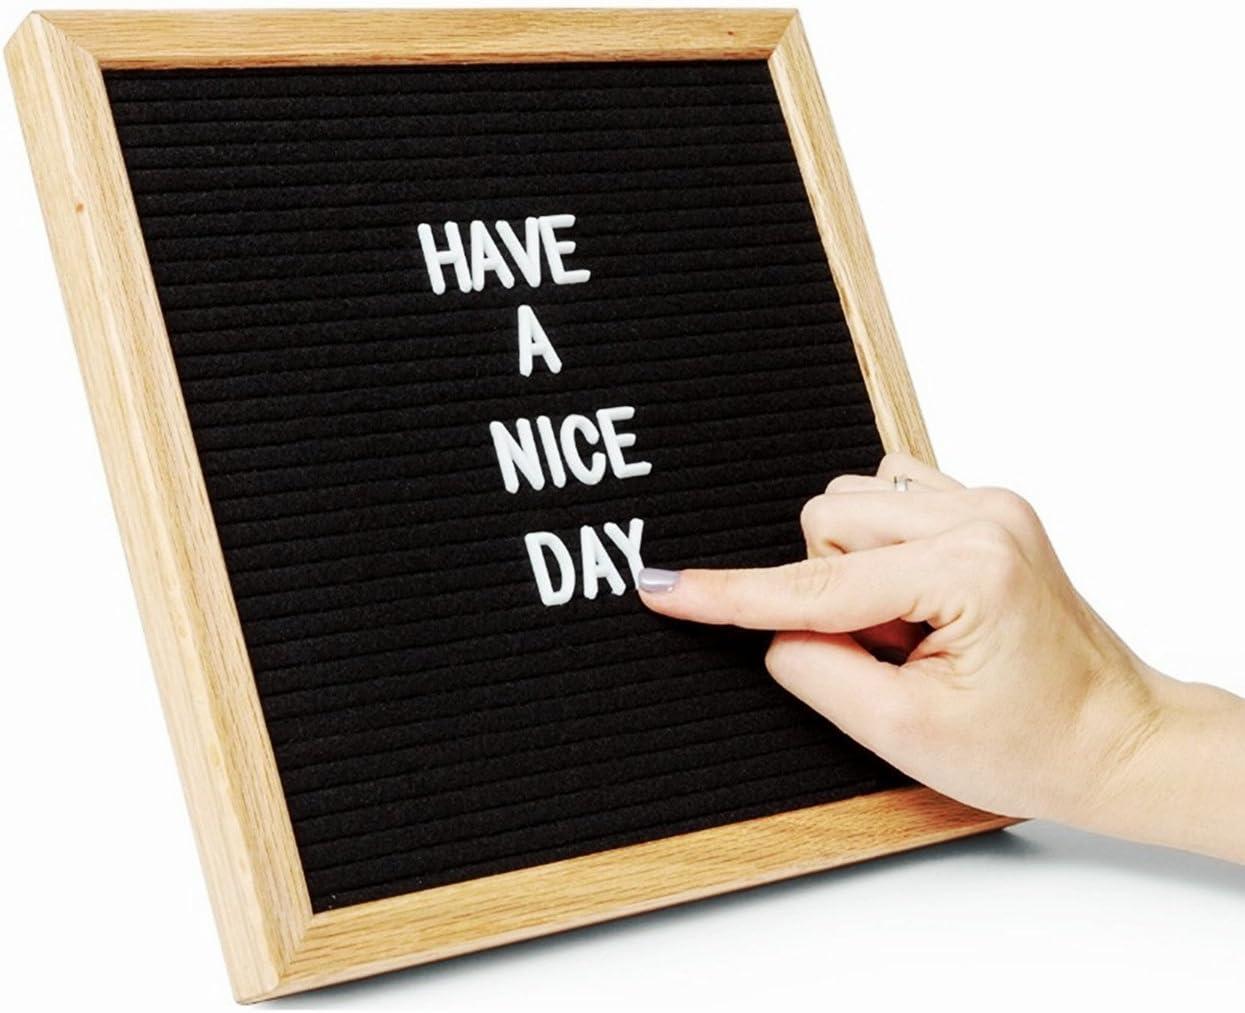 Letras de fieltro negro de 25,4 x 25,4 cm, 300 letras de plástico blanco intercambiables en bolsa de lona, marco de roble, letrero de mensaje, letrero, gran pantalla de regalo para el